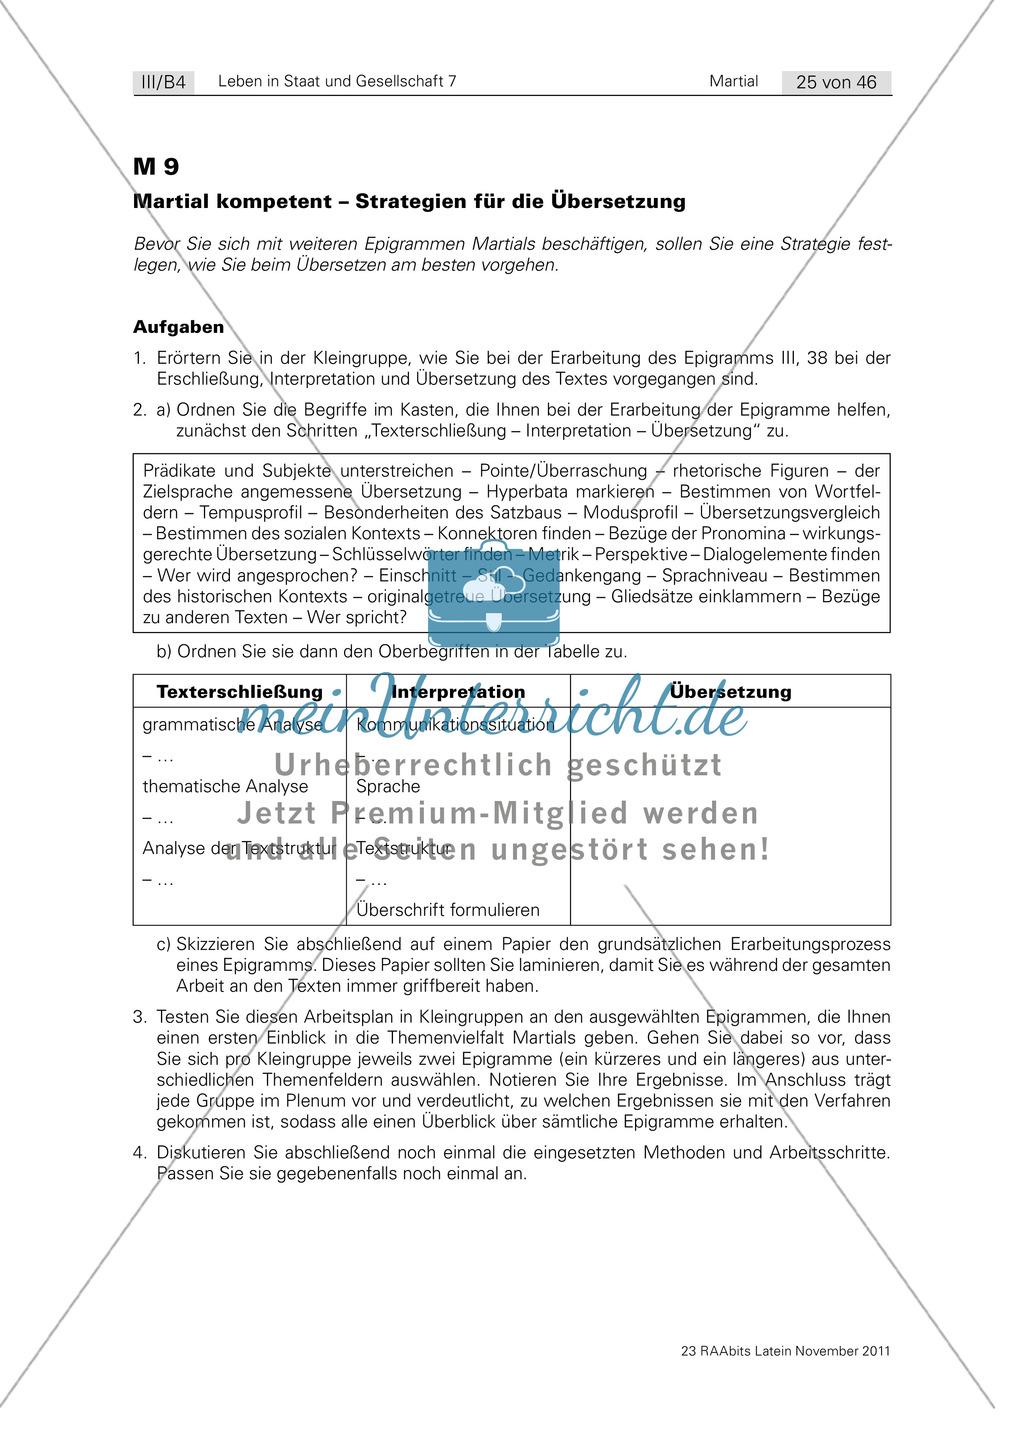 übersetzungsstrategien Zu Martial Epigrammen Erarbeitung Sowie